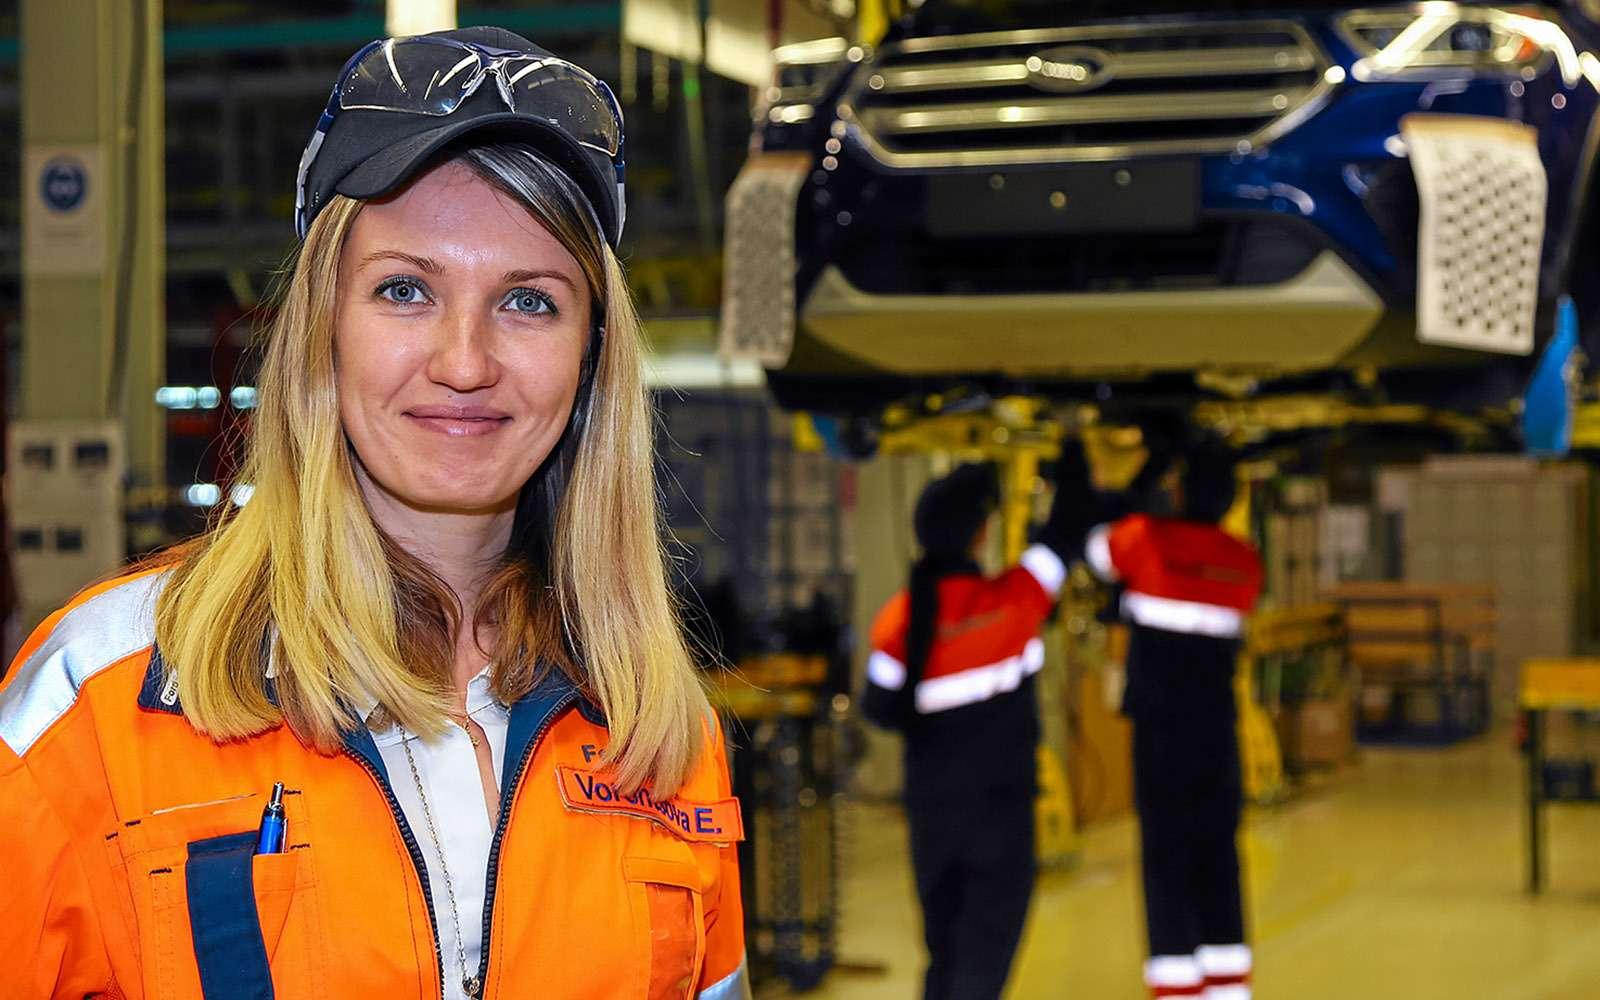 Обновленный Ford Kuga российской сборки: мыпоездили нанем первыми!— фото 674495